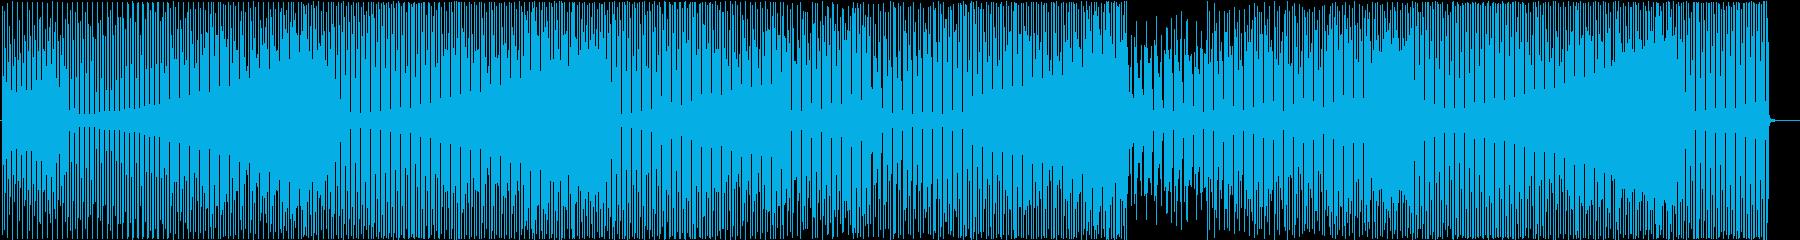 楽しいひと時を演出するあたたかいBGMの再生済みの波形